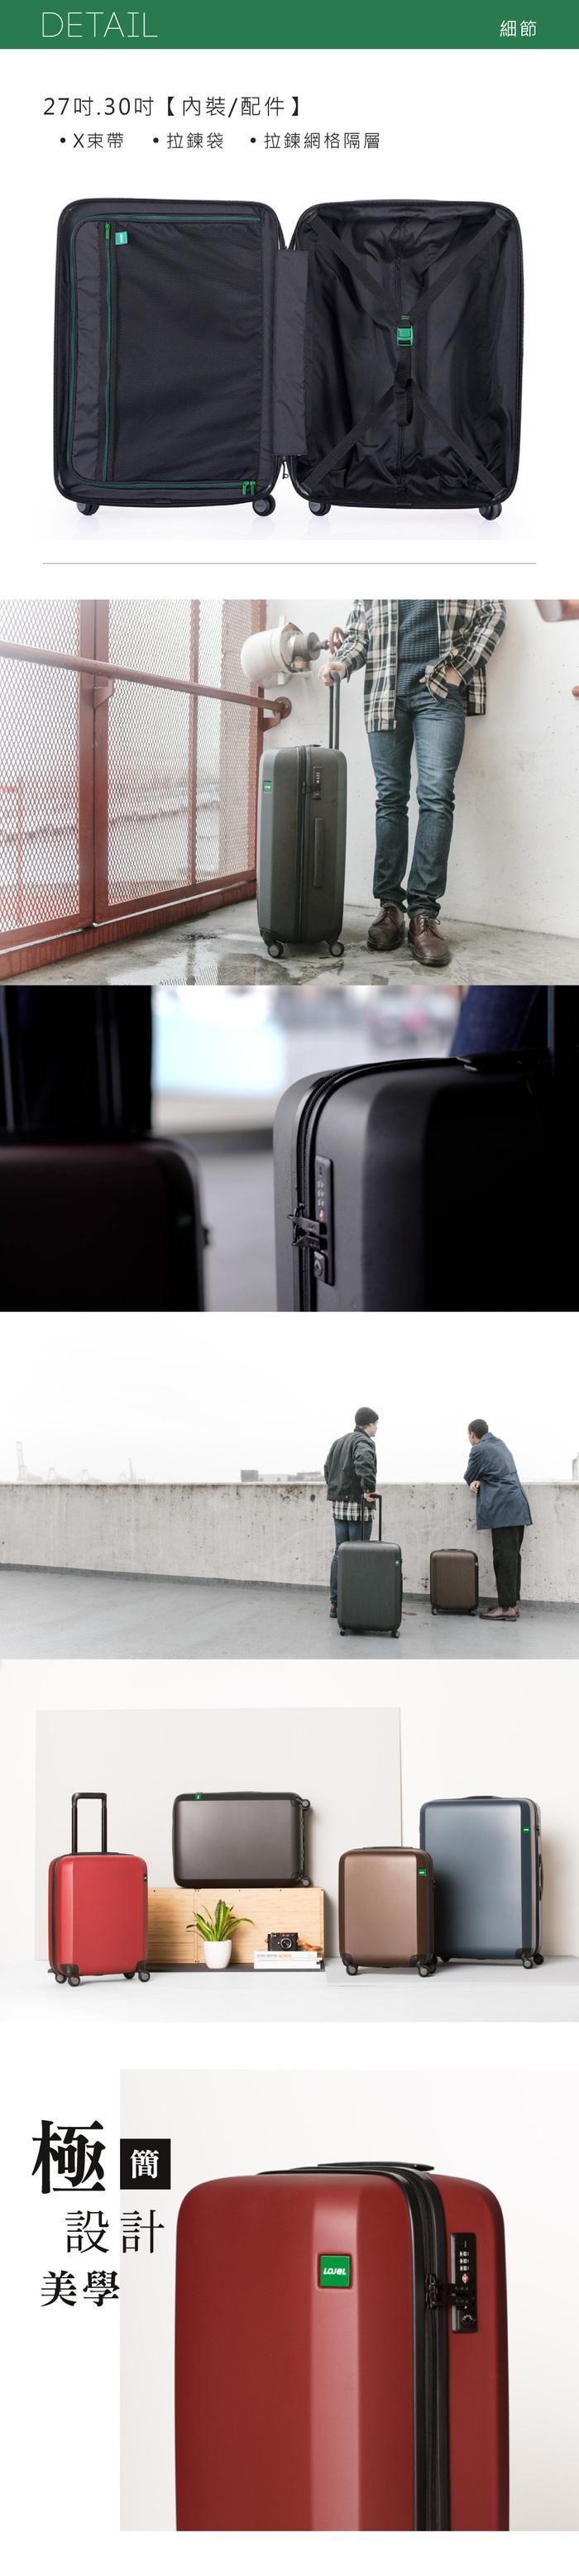 (複製)LOJEL|EXOSIII 軟硬結合 前開袋防盜拉鍊箱 30吋(黑色)